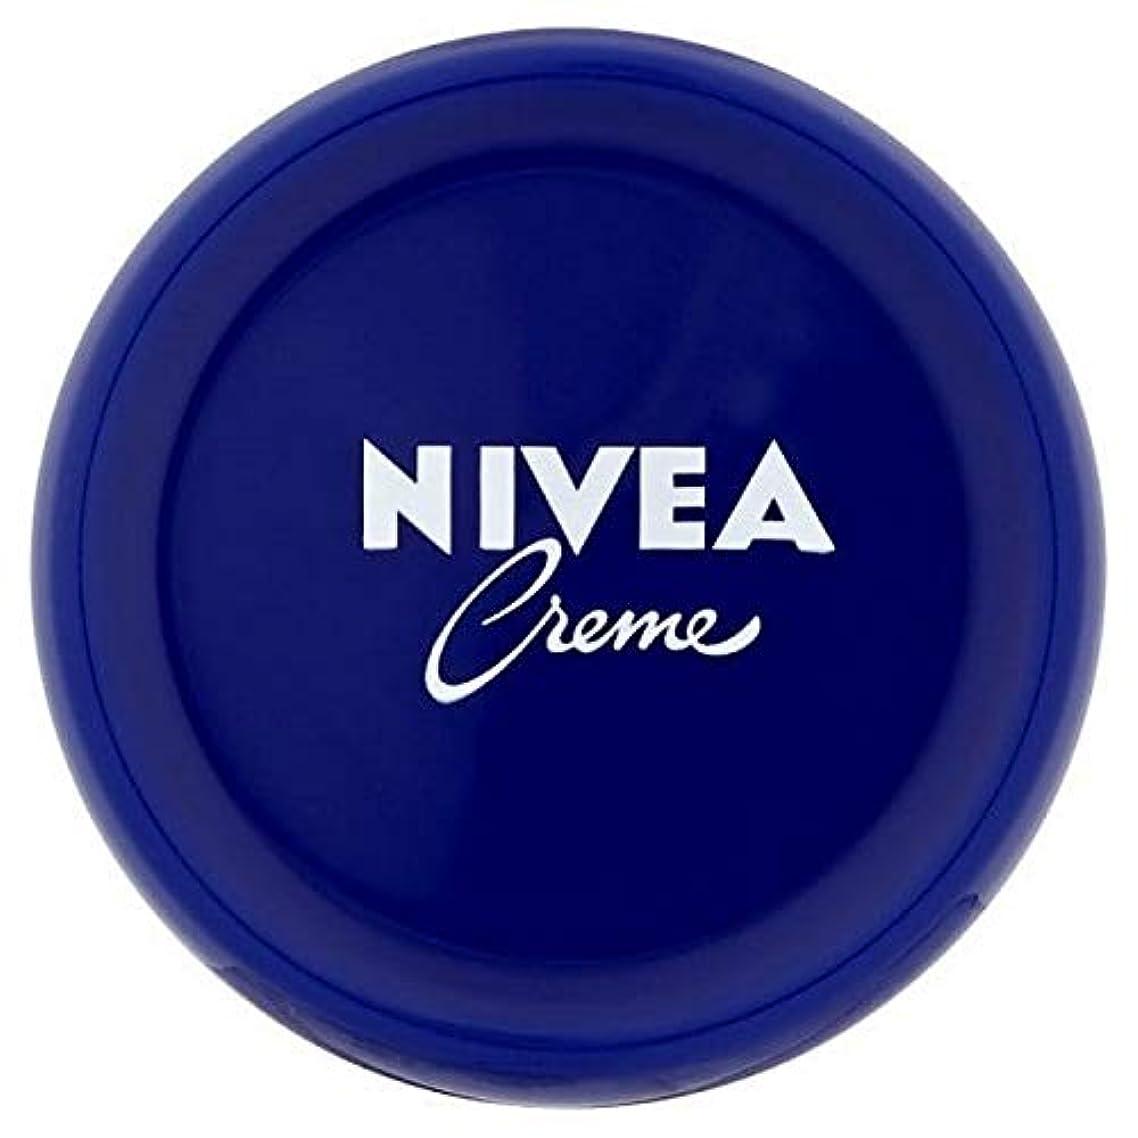 開業医有毒不正[Nivea ] ニベアクリーム万能ボディクリーム、50ミリリットル - NIVEA Creme All Purpose Body Cream, 50ml [並行輸入品]